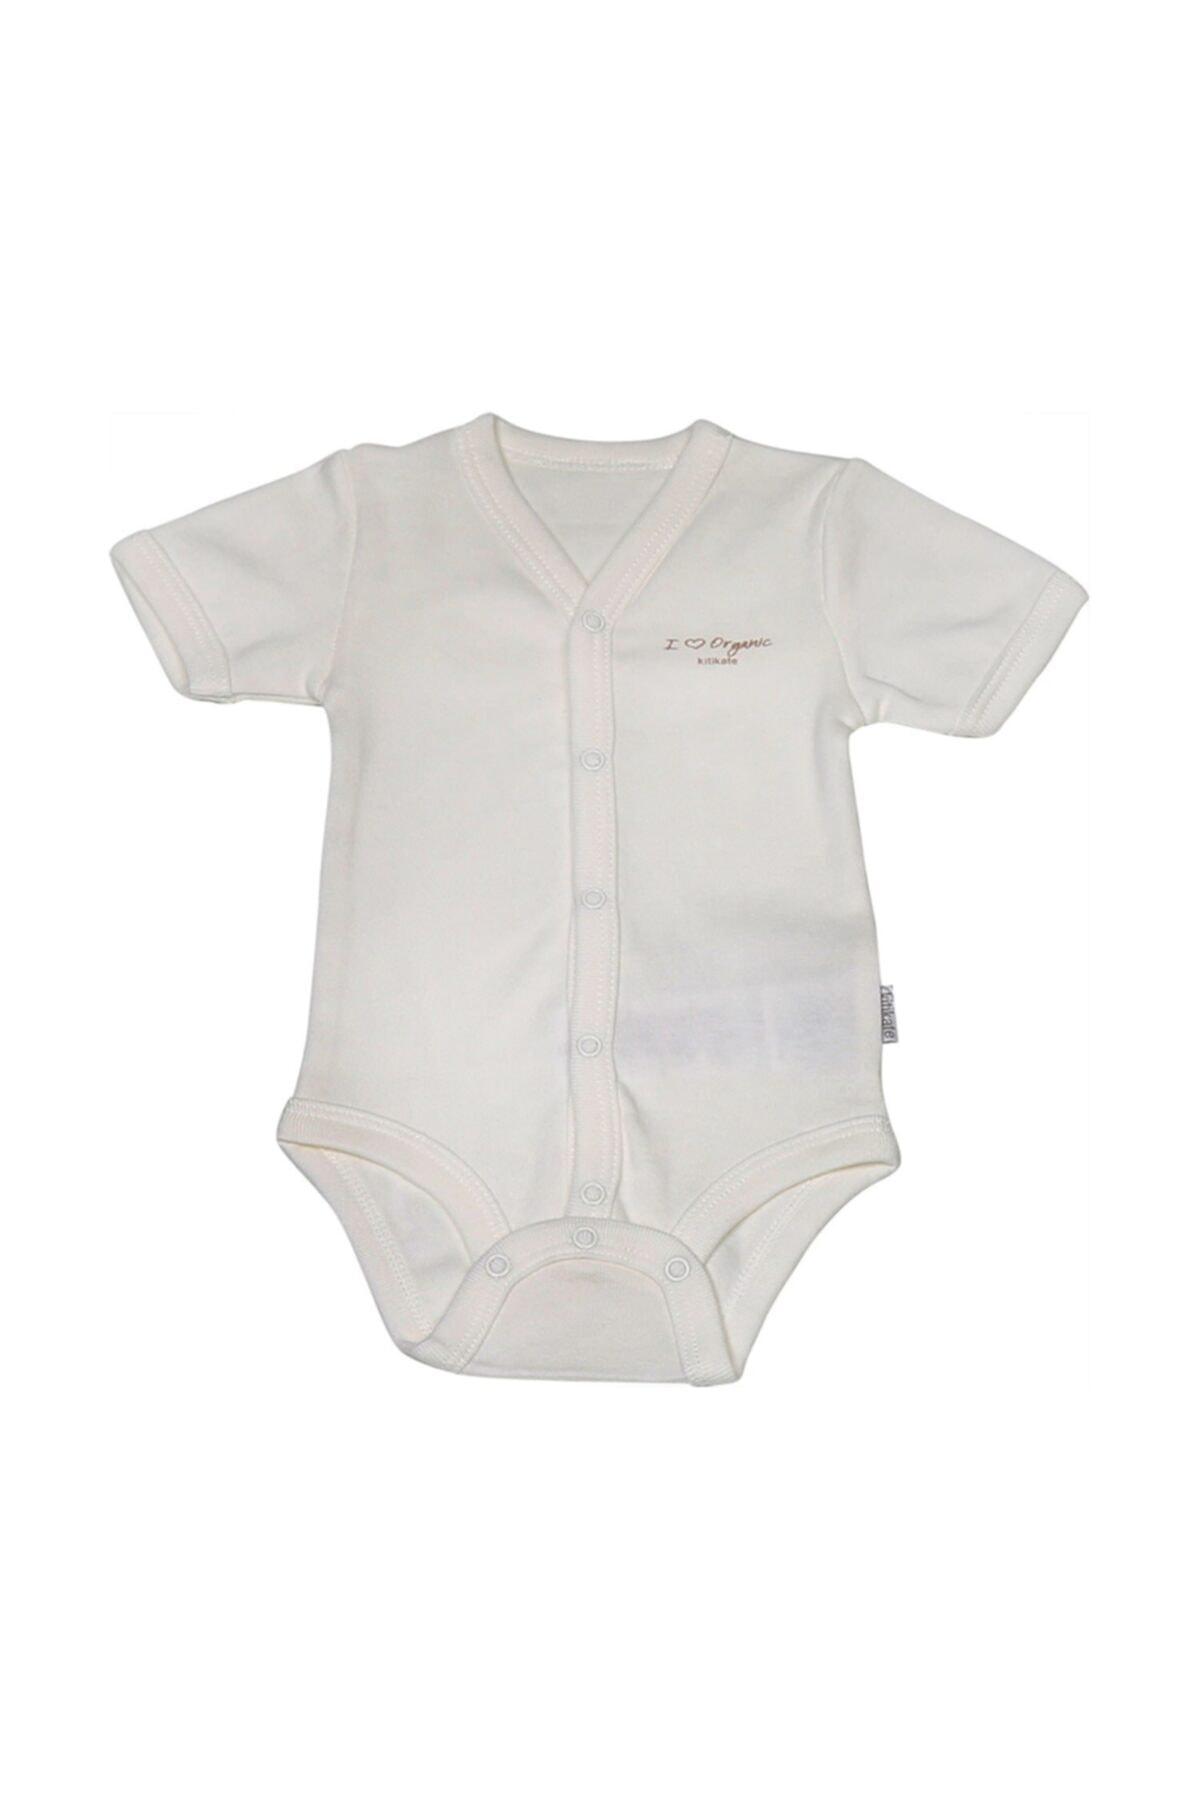 kitikate Bebek Beyaz Organik Basic Kısa Kol Body S78760 1